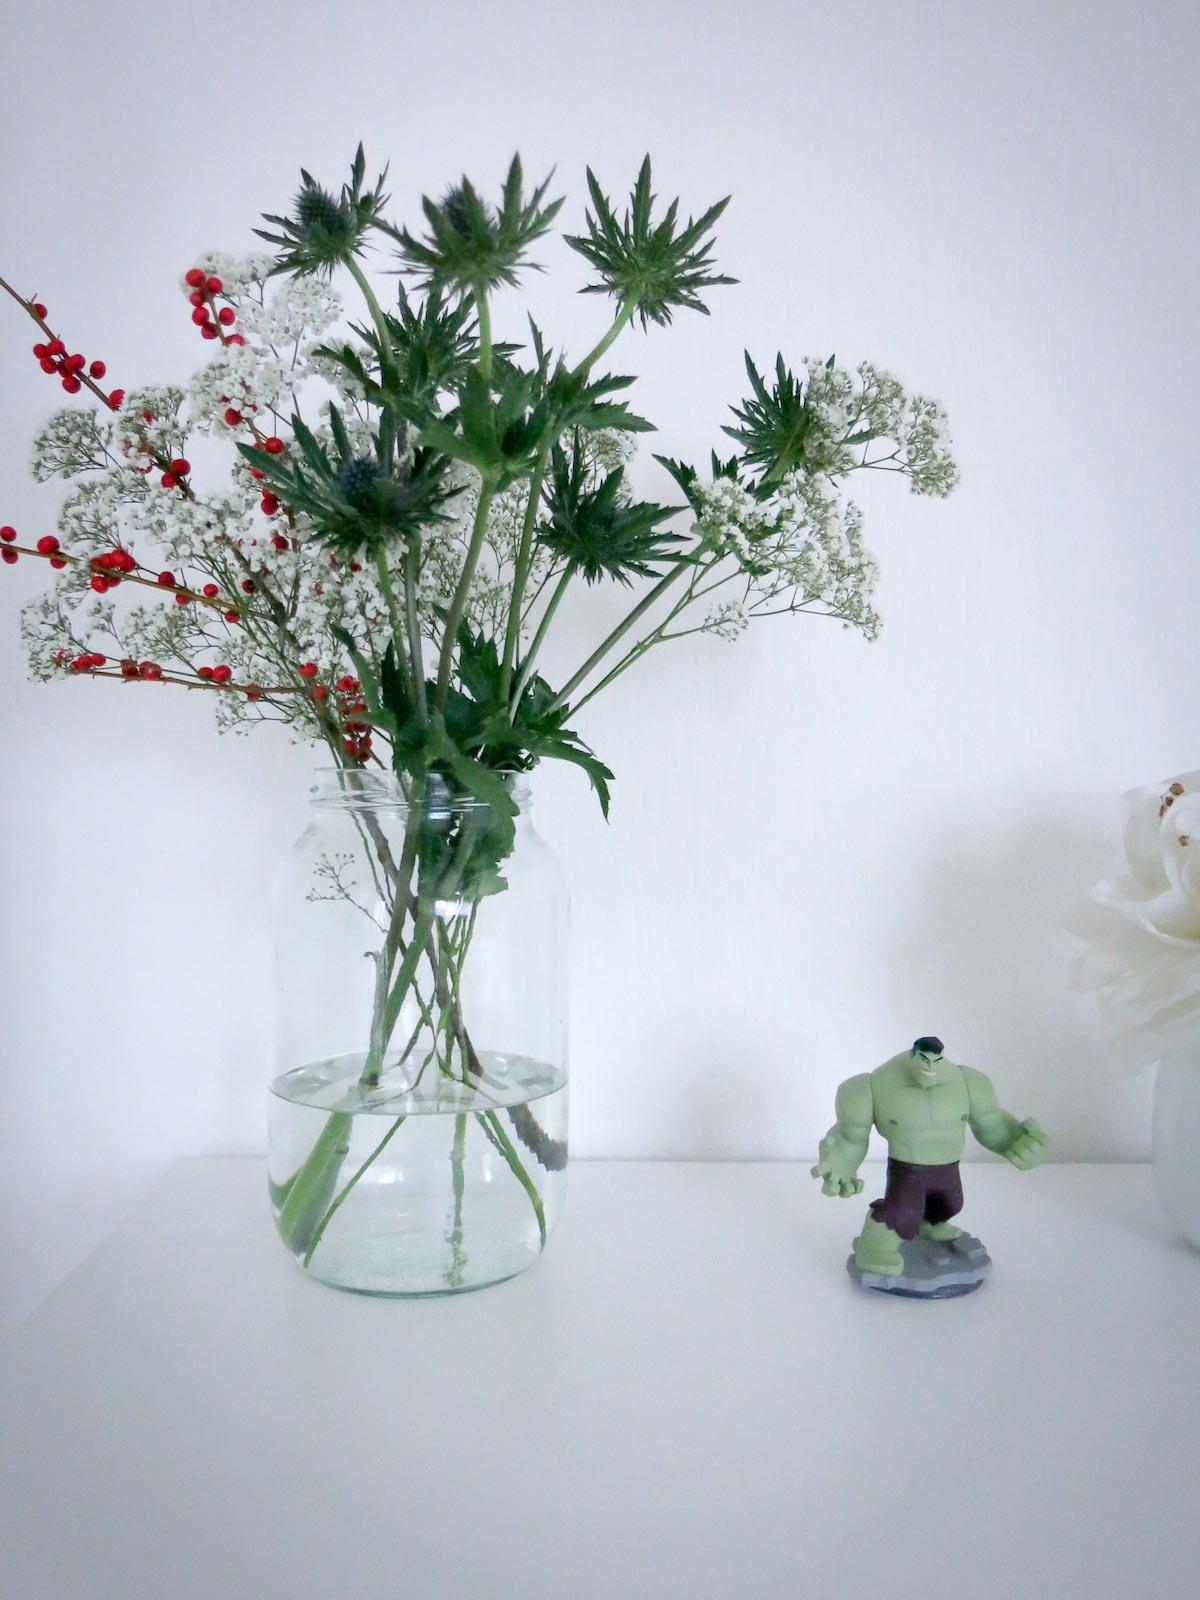 Als Vase für den Winter Blumenstrauß habe ich einfach ein leeres, großes Gurkenglas genommen